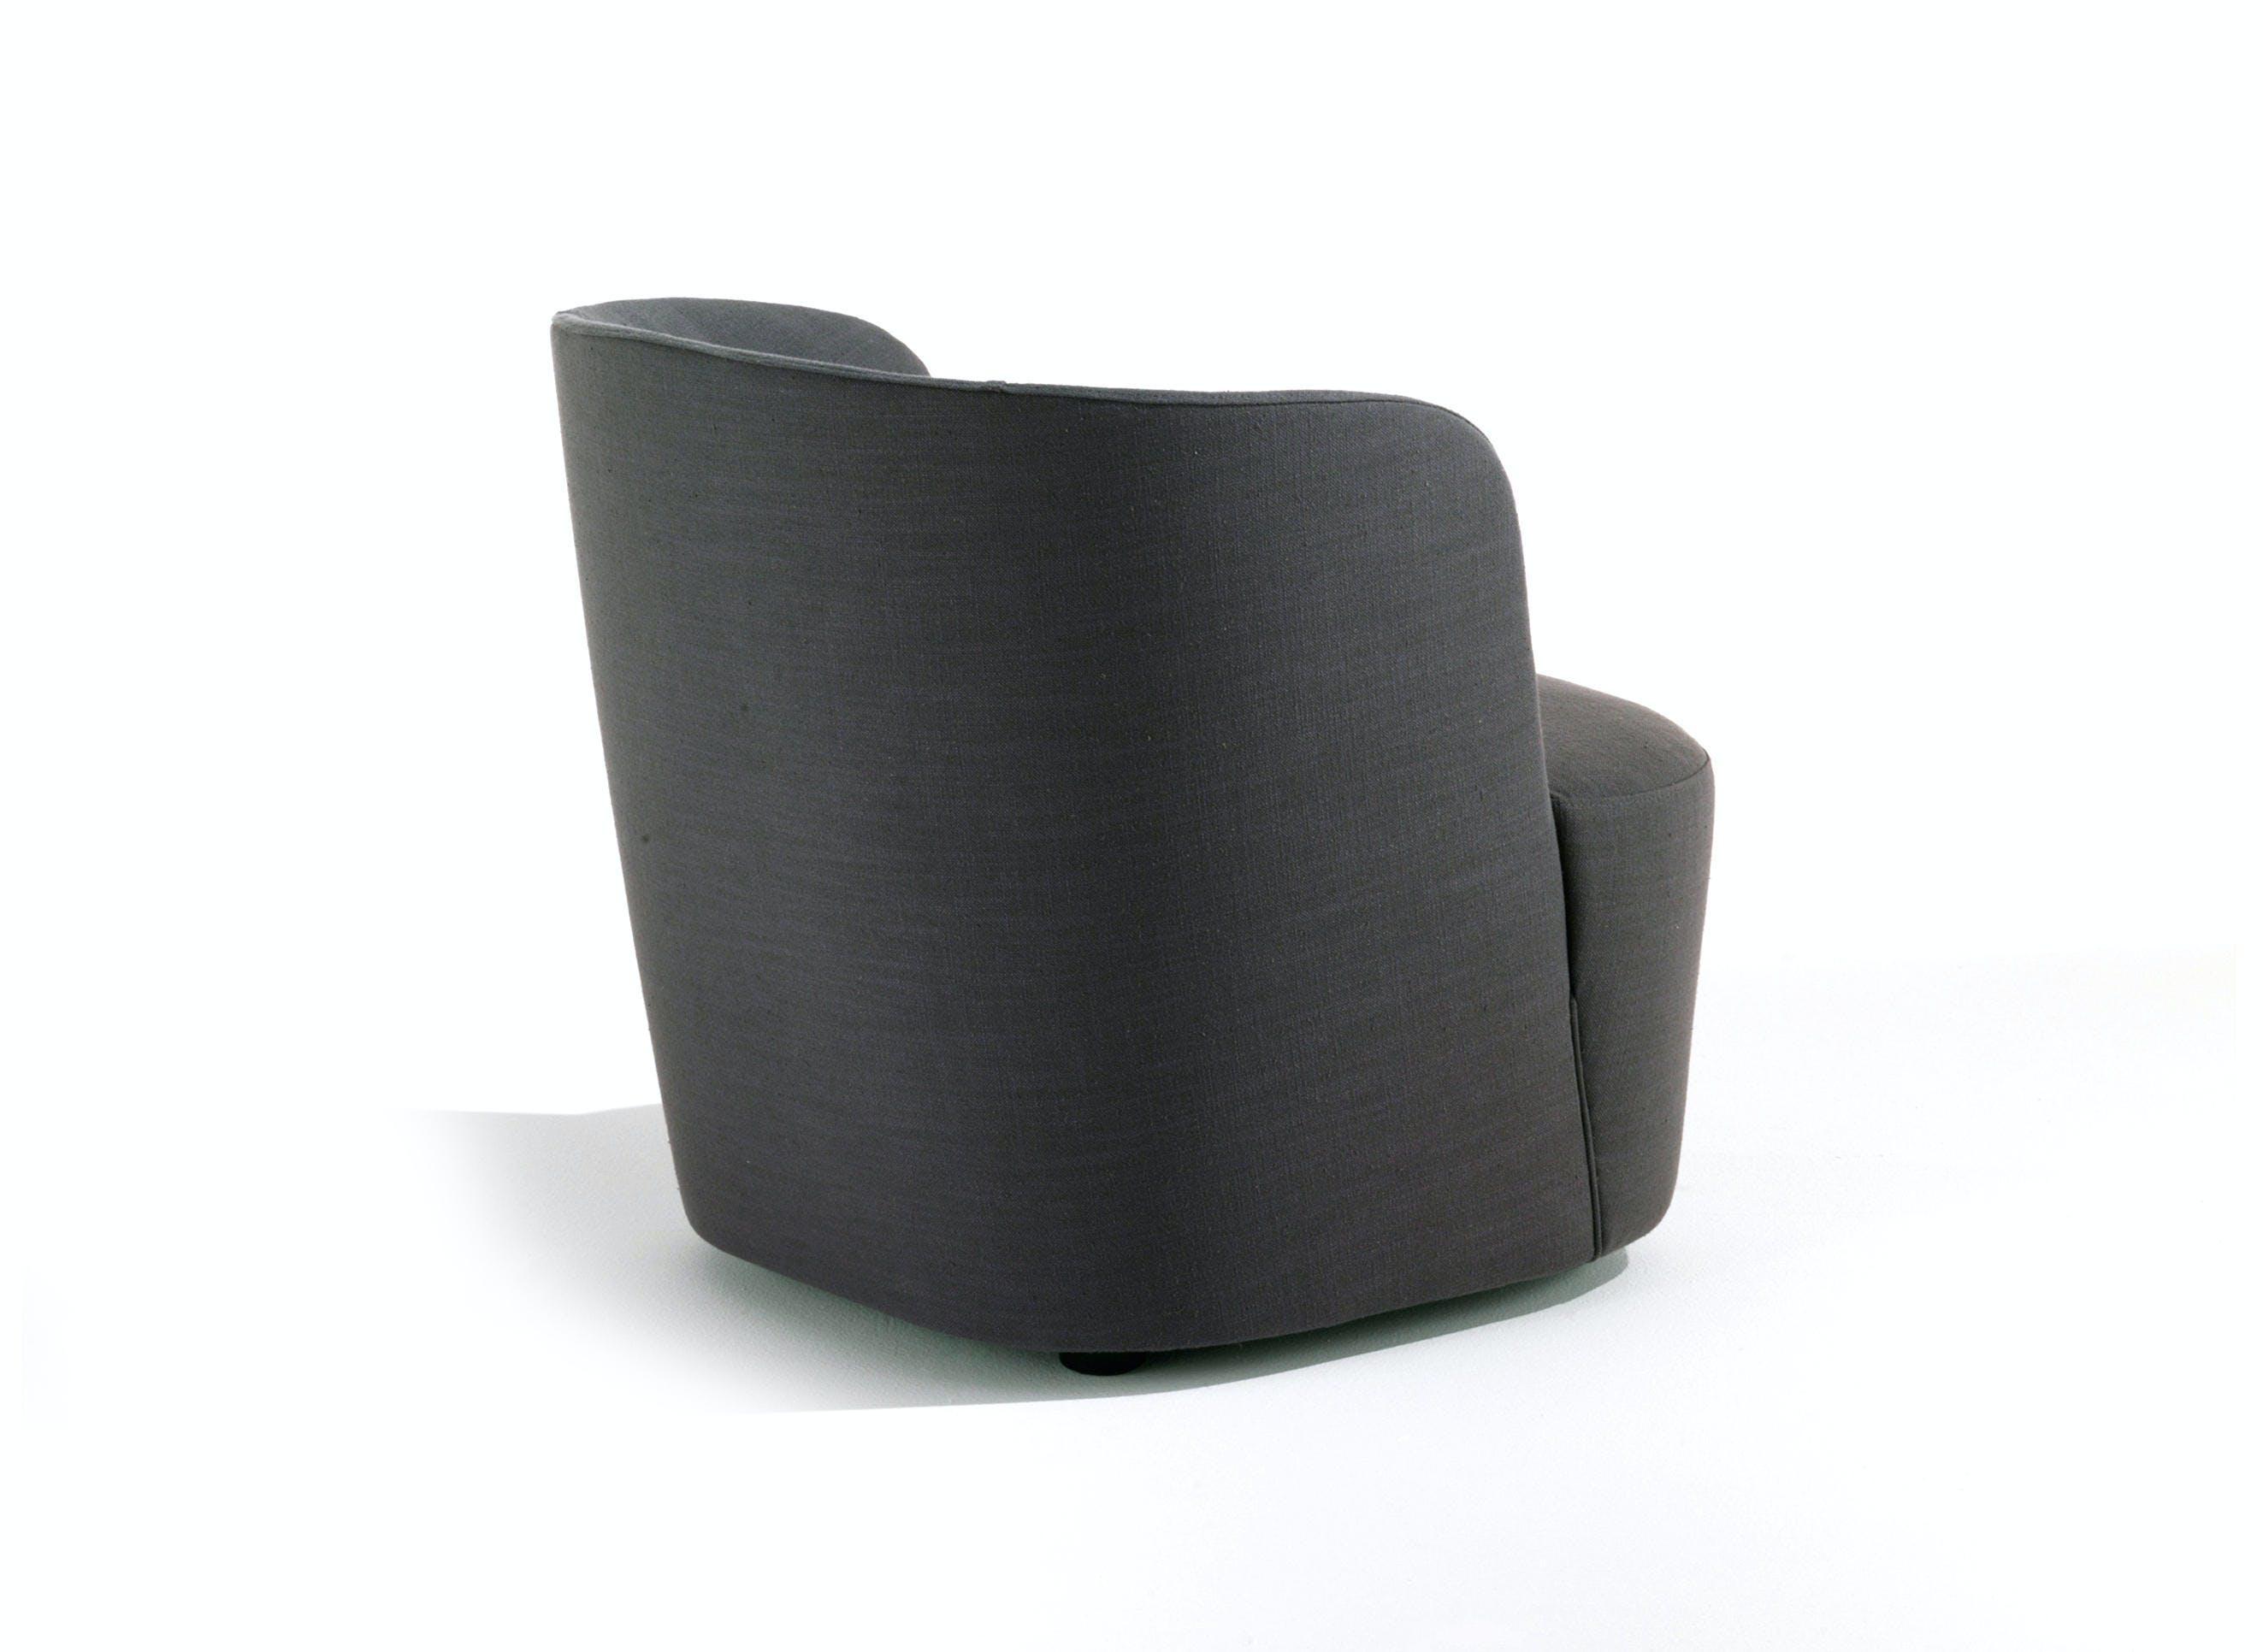 Lema-furniture-felix-armchair-back-angle-haute-living